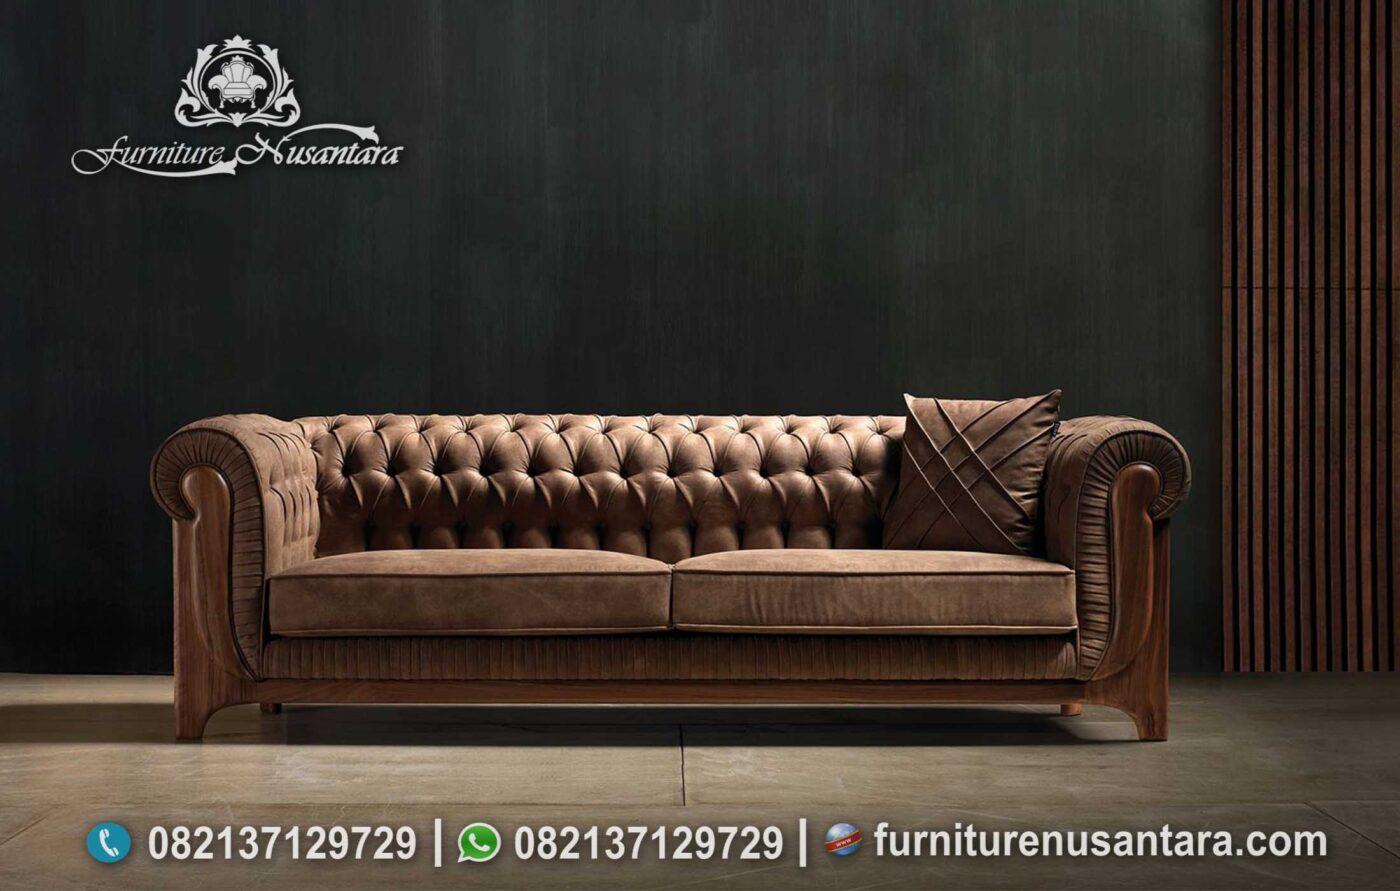 Jual Berbagai Model Sofa Minimalis Terbaru ST-25, Furniture Nusantara